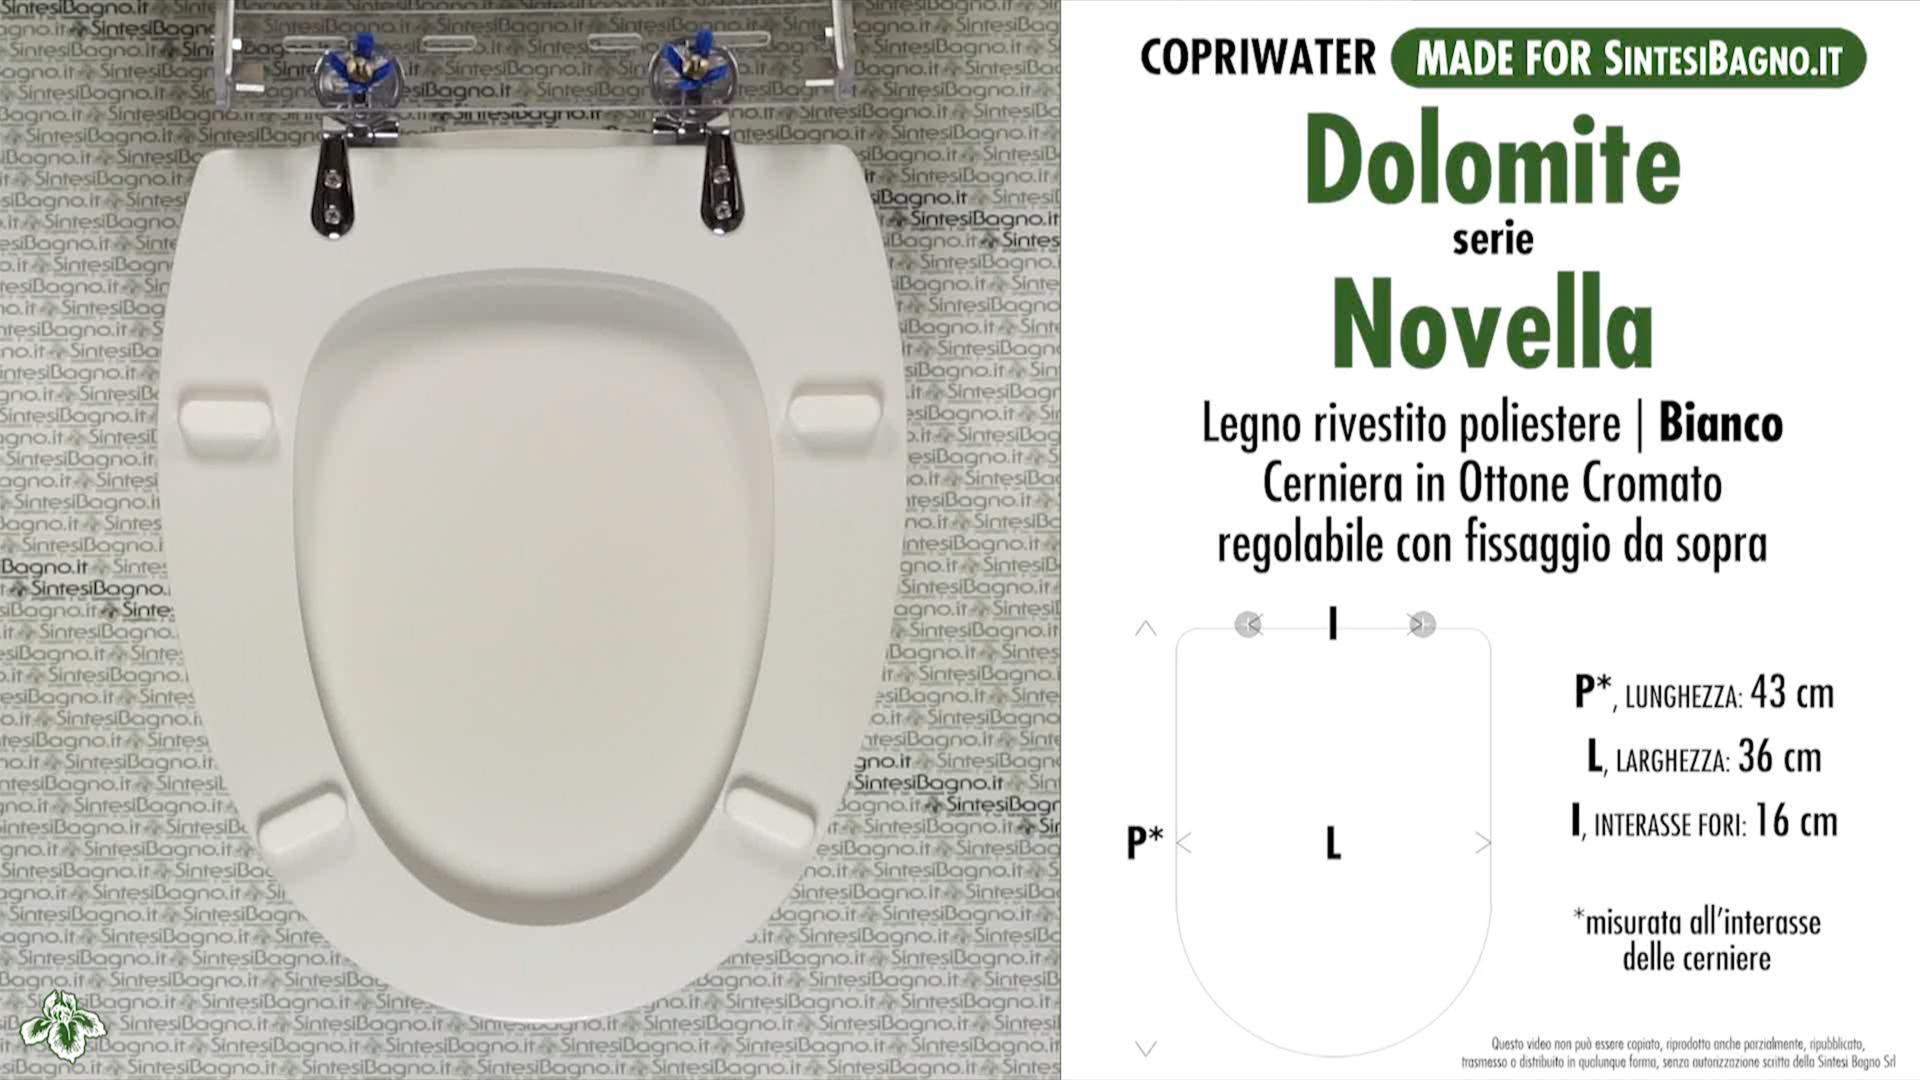 Sedile Wc Dolomite Novella.Copriwater Per Wc Novella Dolomite Ricambio Dedicato Legno Rivestito Sintesibagno Shop Online